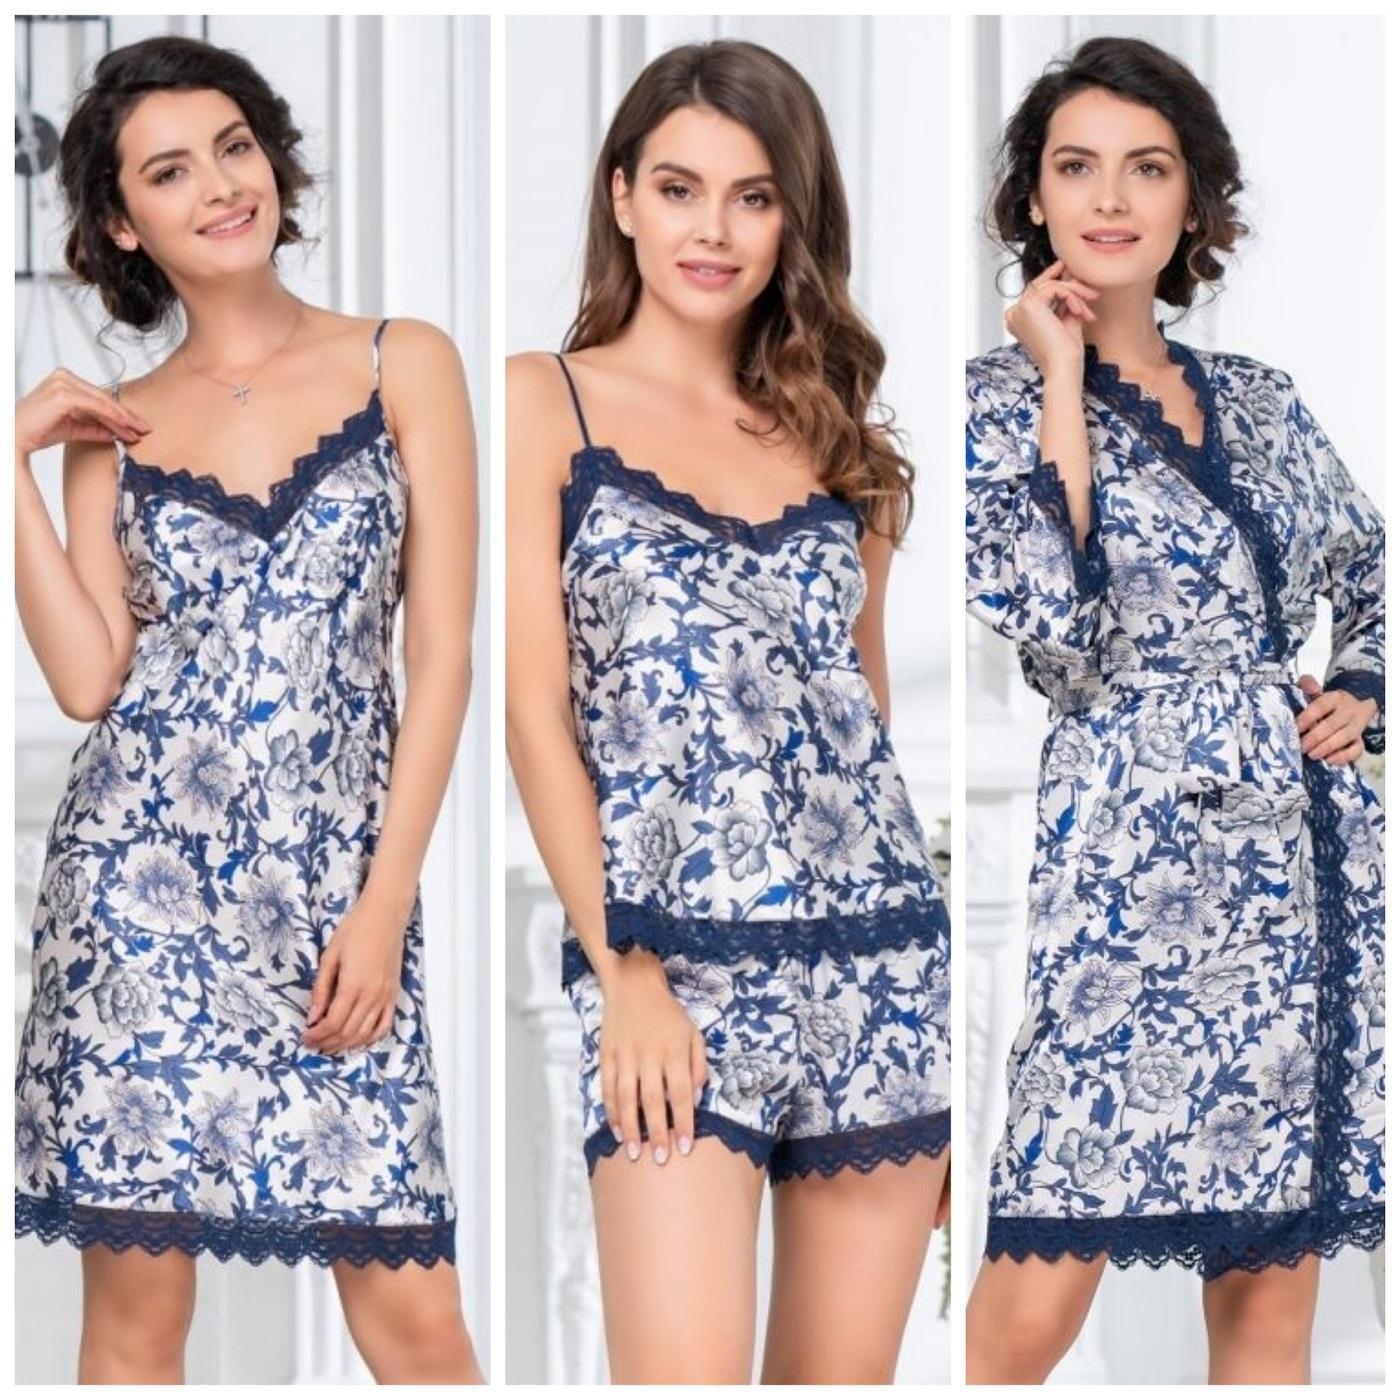 Коллекция Elizabeth от Mia-Mia сорочки пижамы халаты